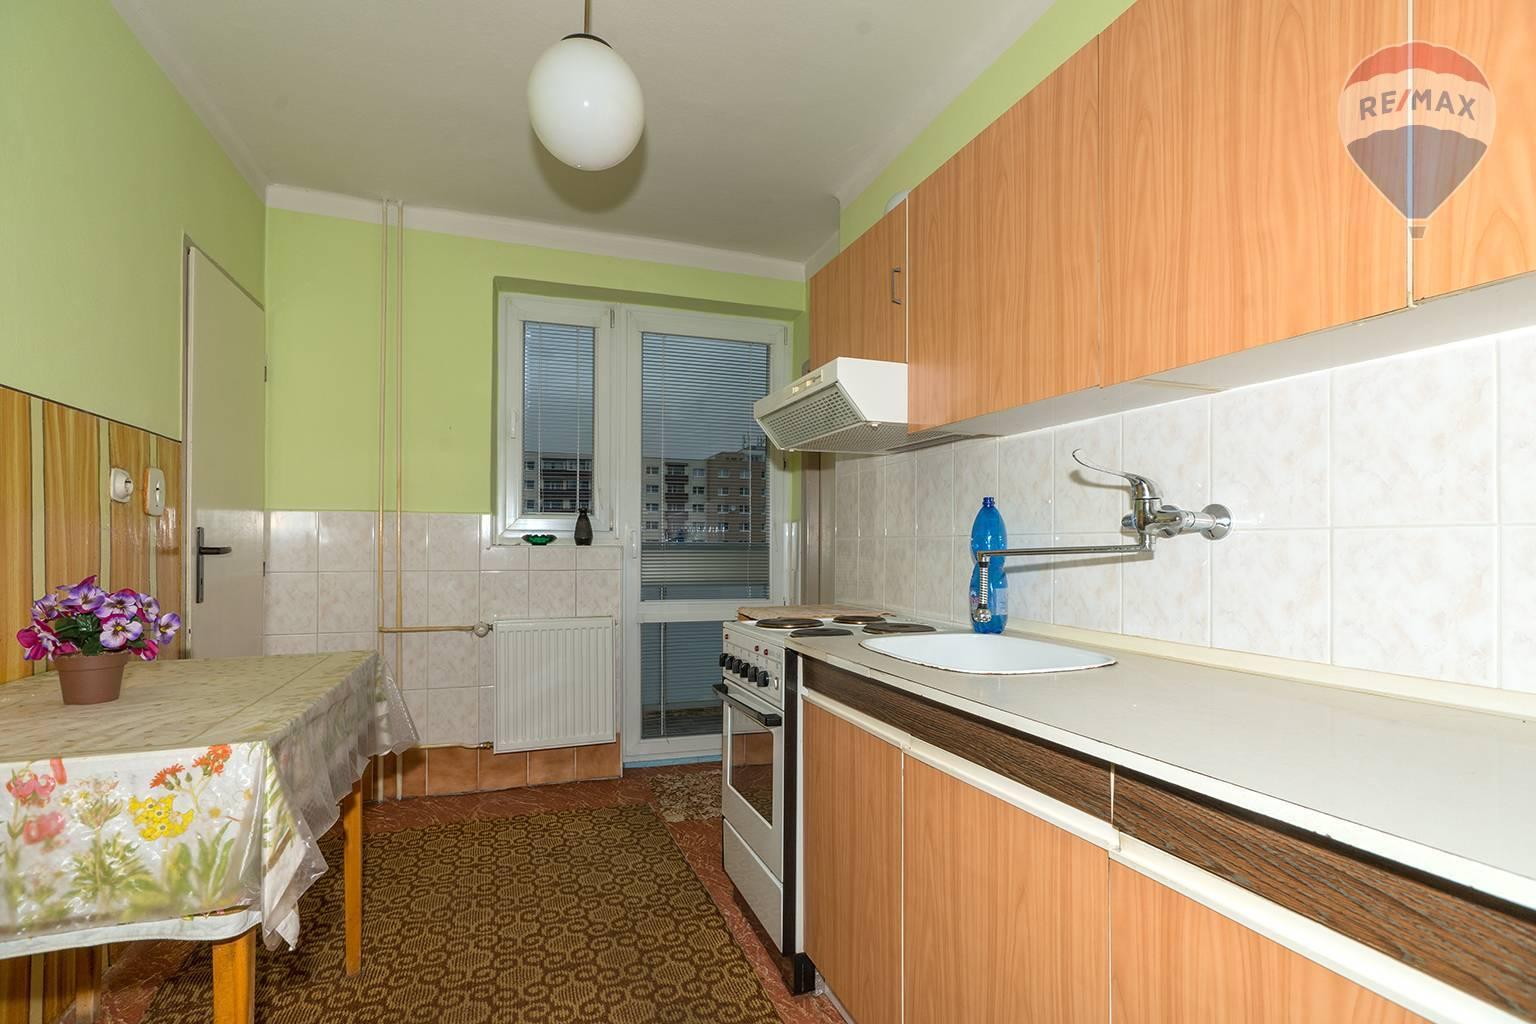 Rezervované: 3 izbový byt, Liptovský Mikuláš